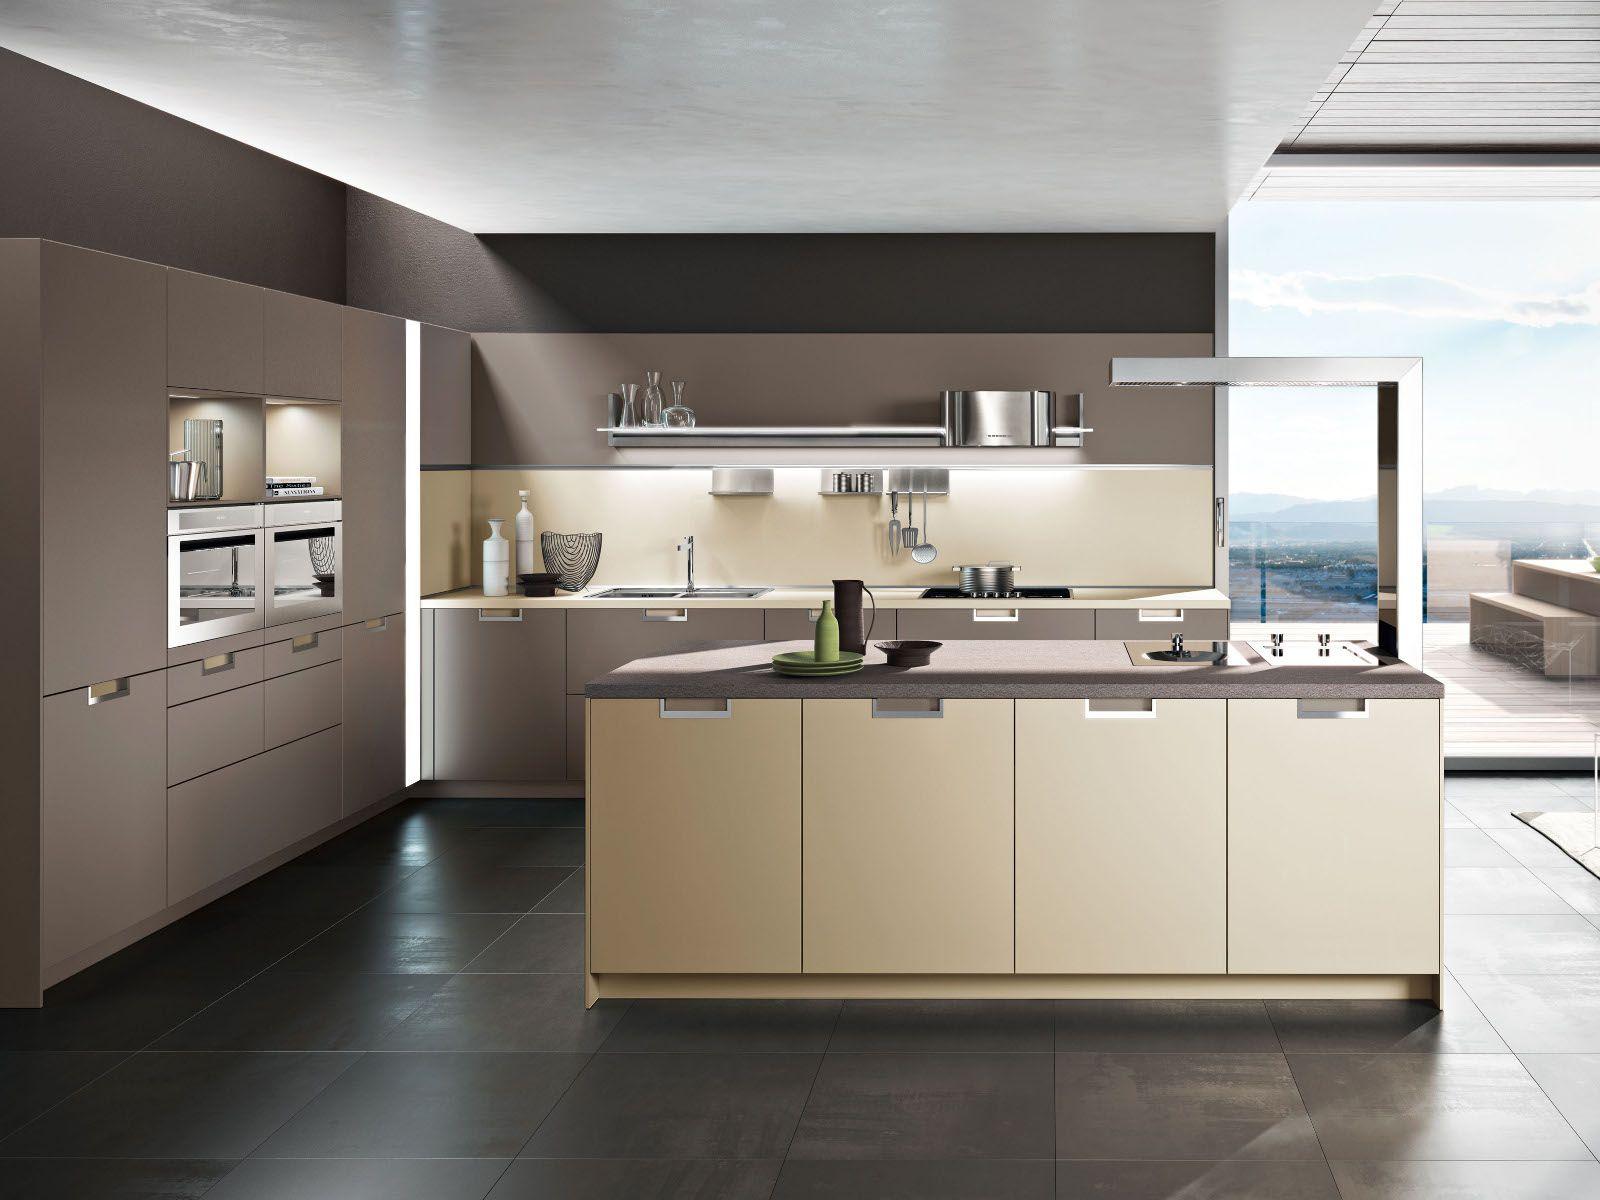 #7C6B4F Cozinha integral com ilha LUX Cozinha com ilha Snaidero 1600x1200 px Melhores Designers De Cozinha_461 Imagens